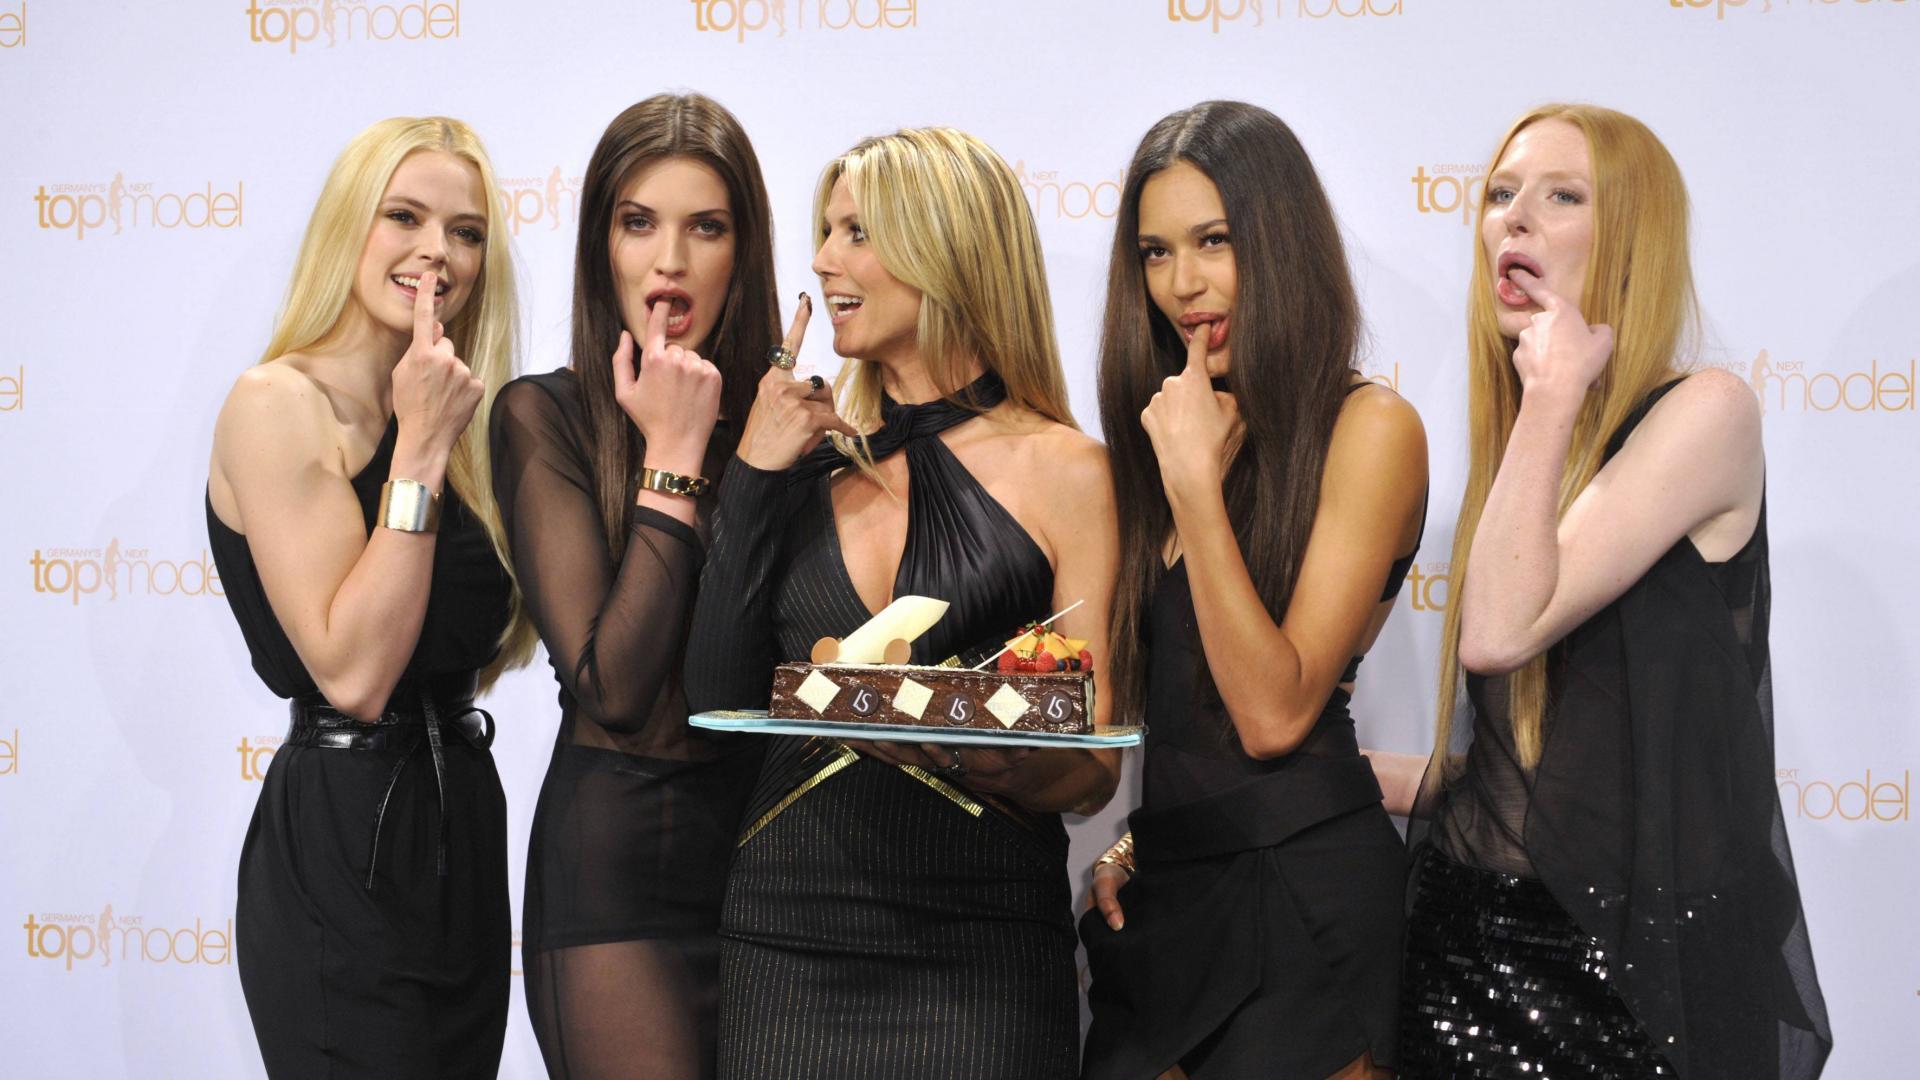 Germany's Next Topmodel 2013